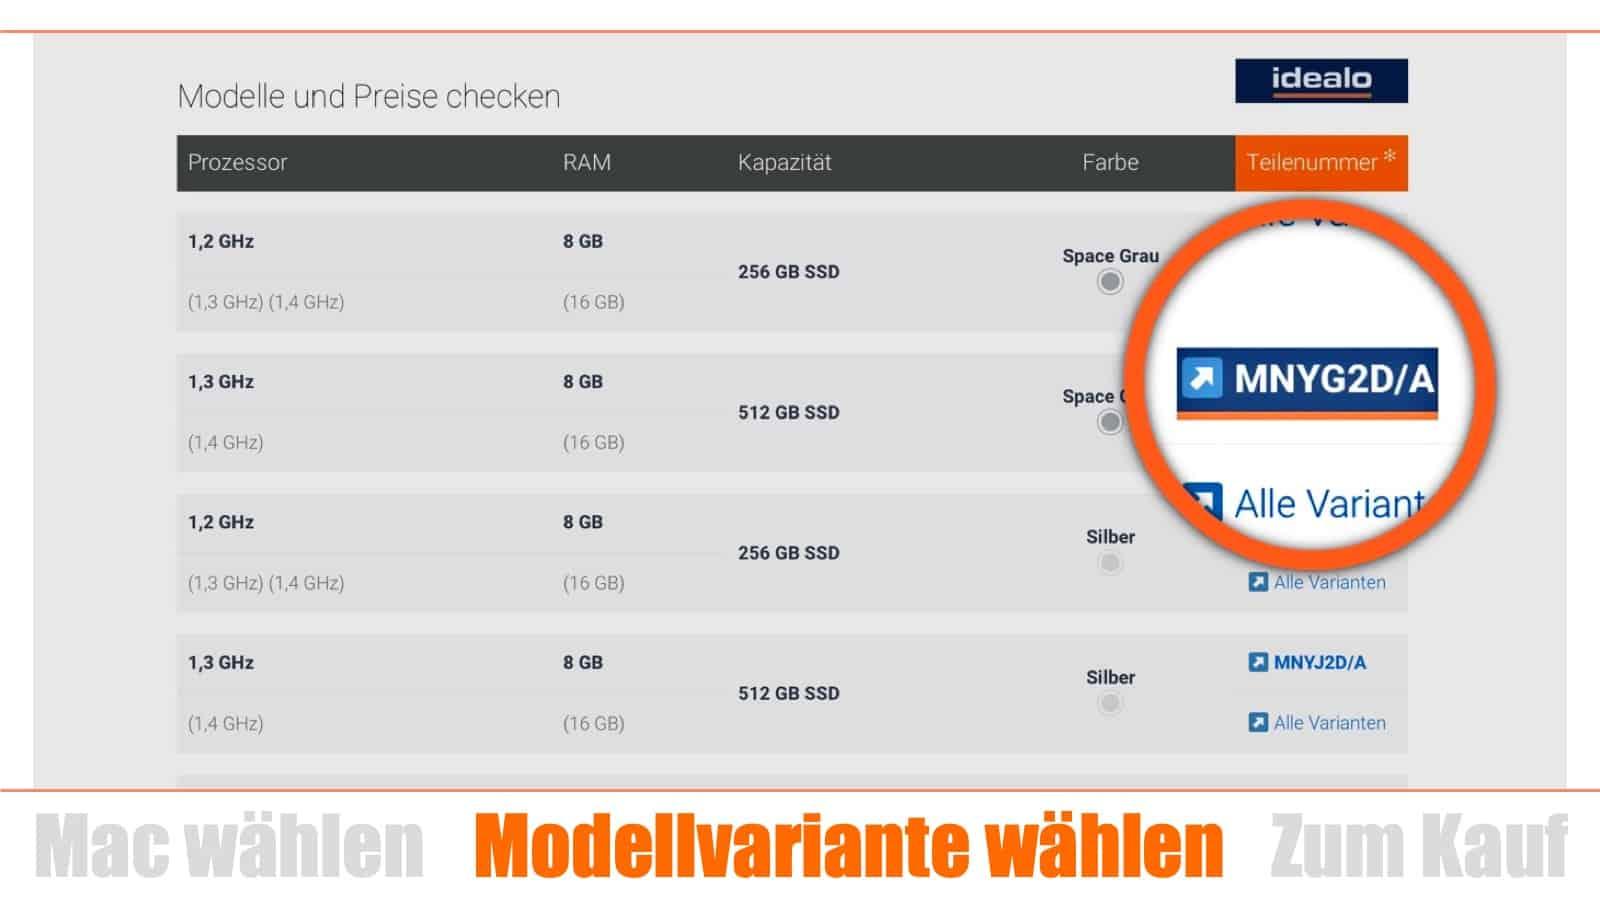 Mac kaufen Schritt 2: Modellvariante wählen